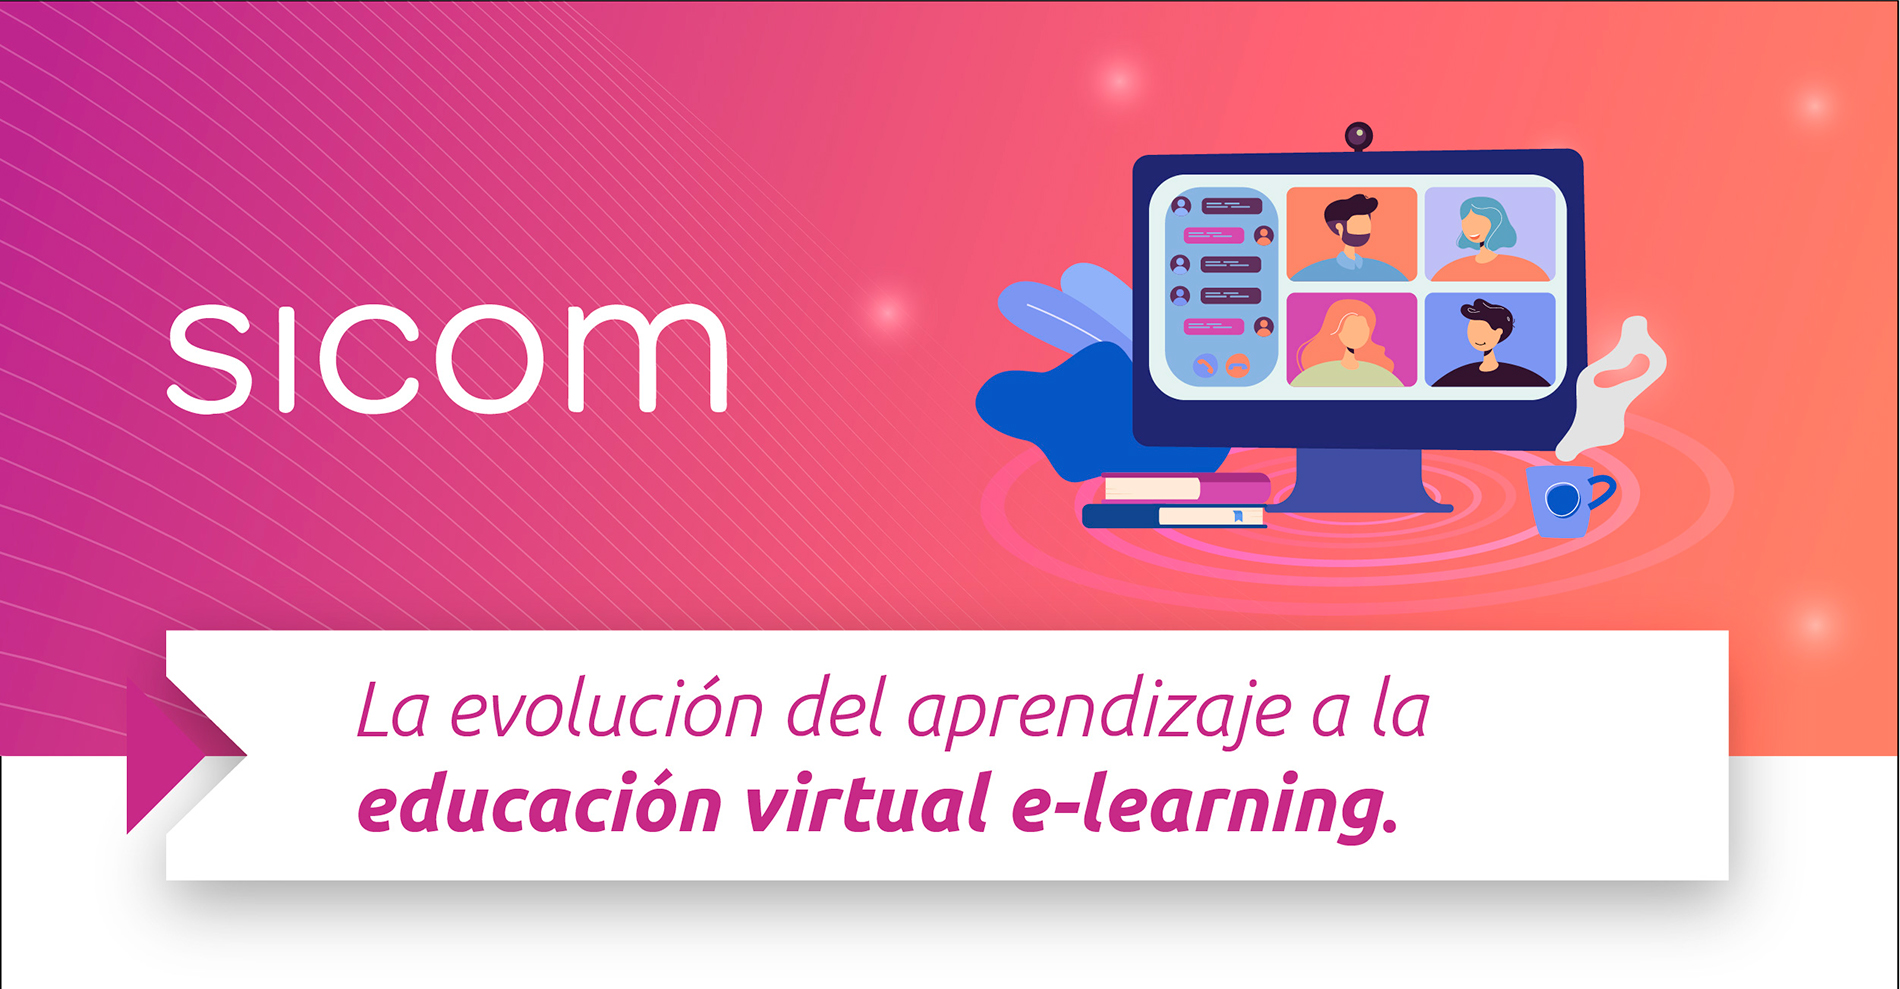 La evolución del aprendizaje a la educación virtual e-learning